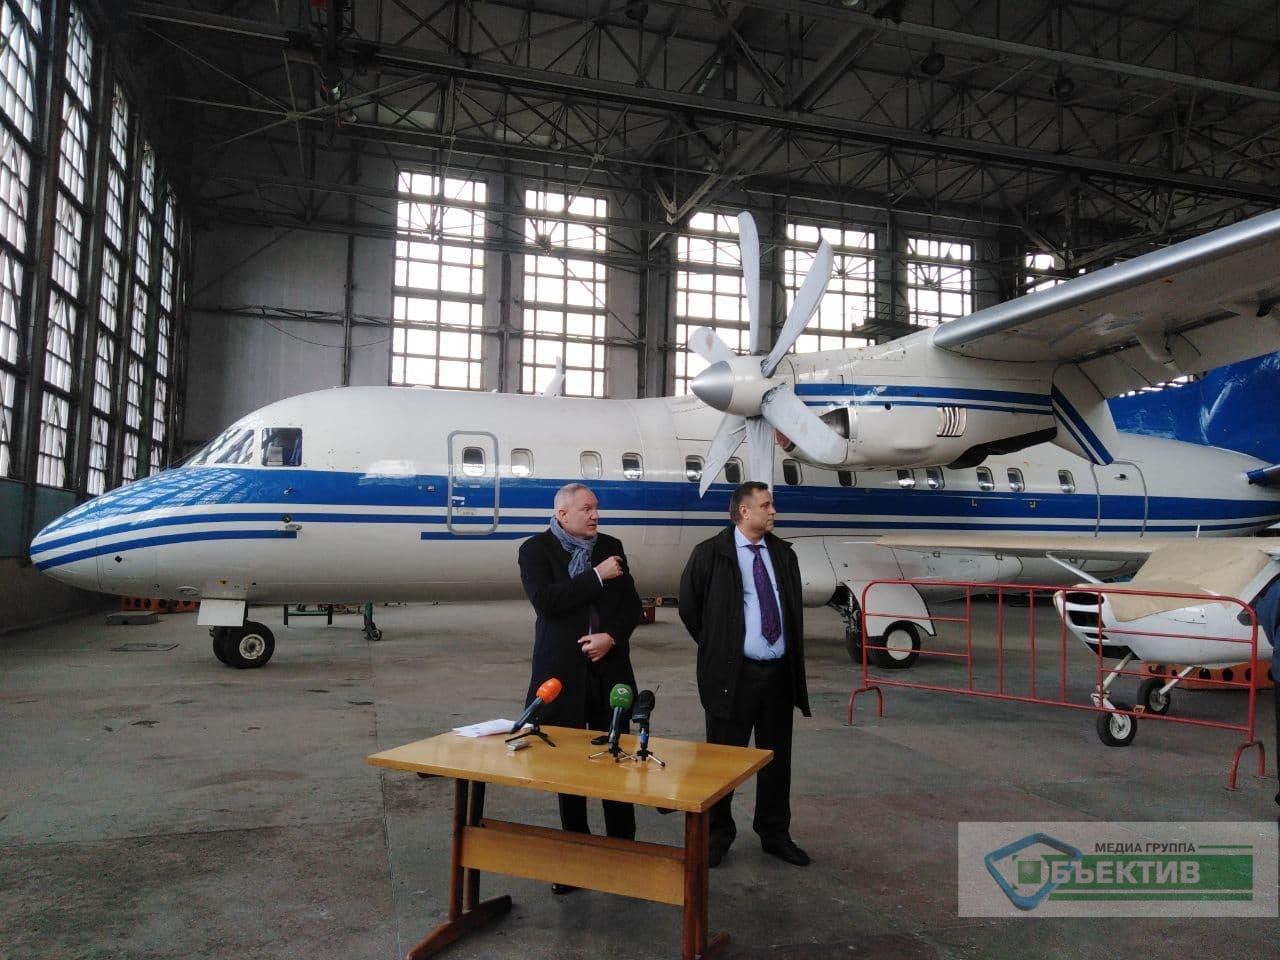 Нового директора Харьковского авиазавода озадачили поиском инвесторов (фото, видео)